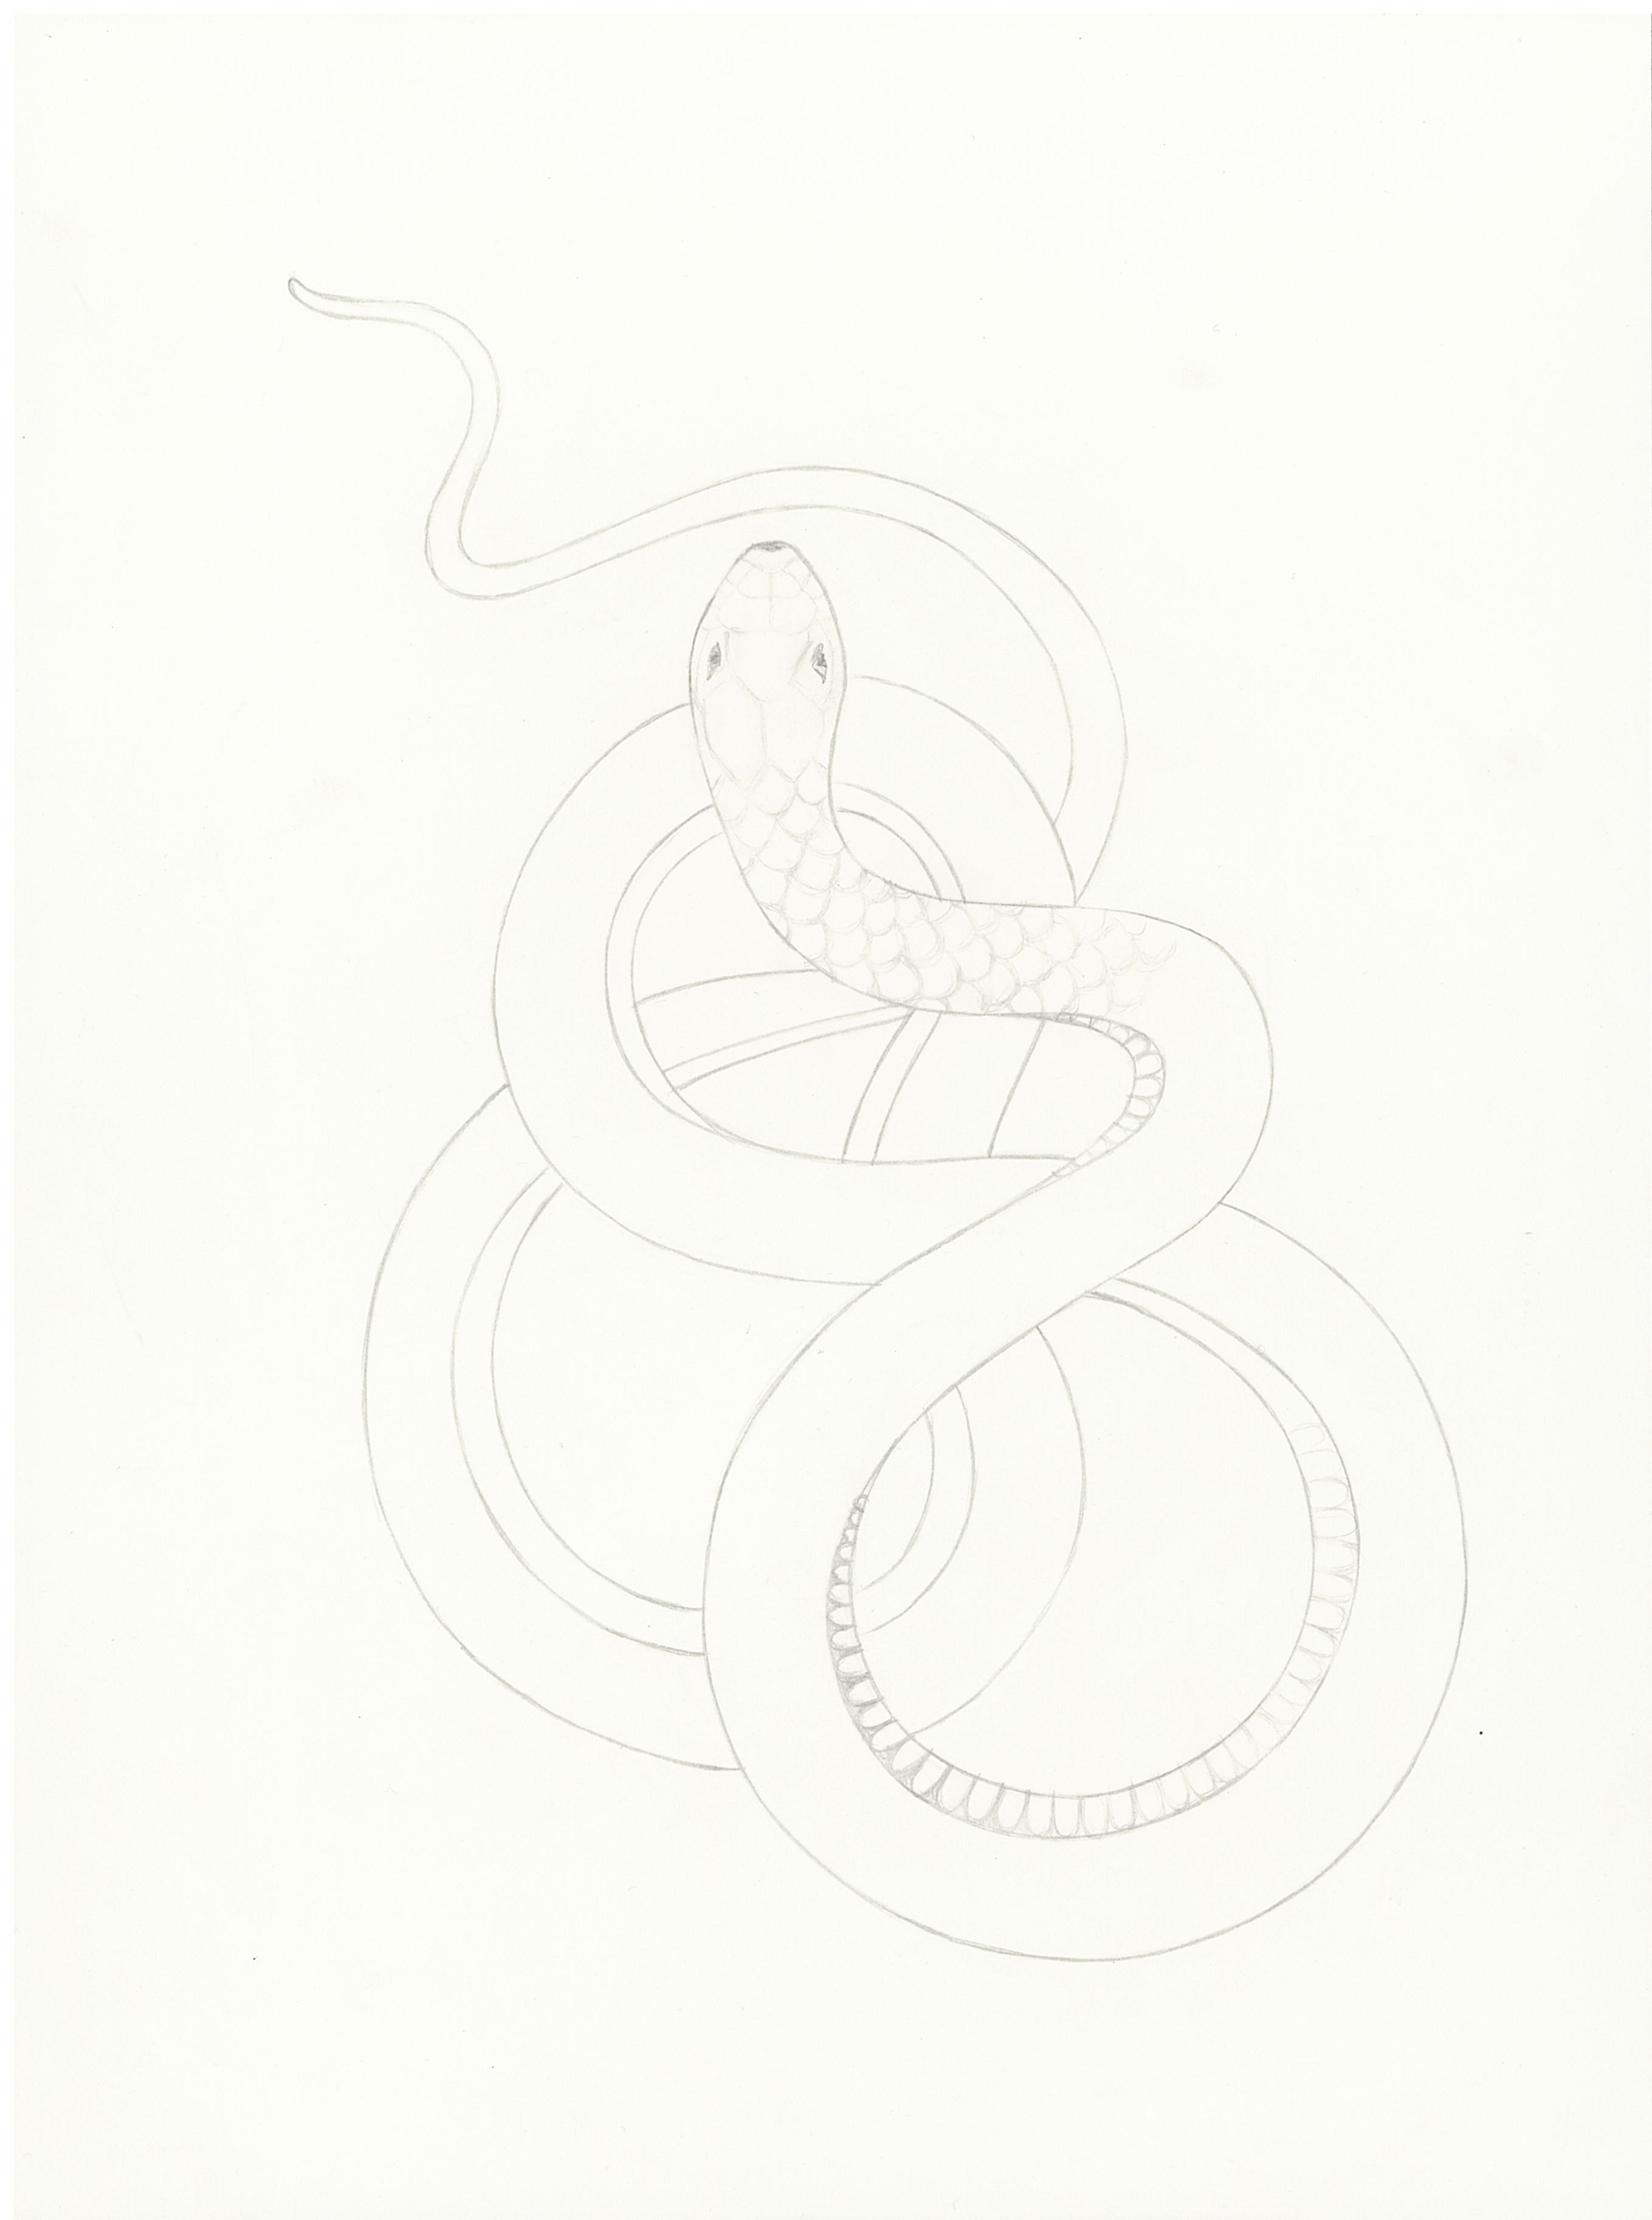 Dessin poignee serpent